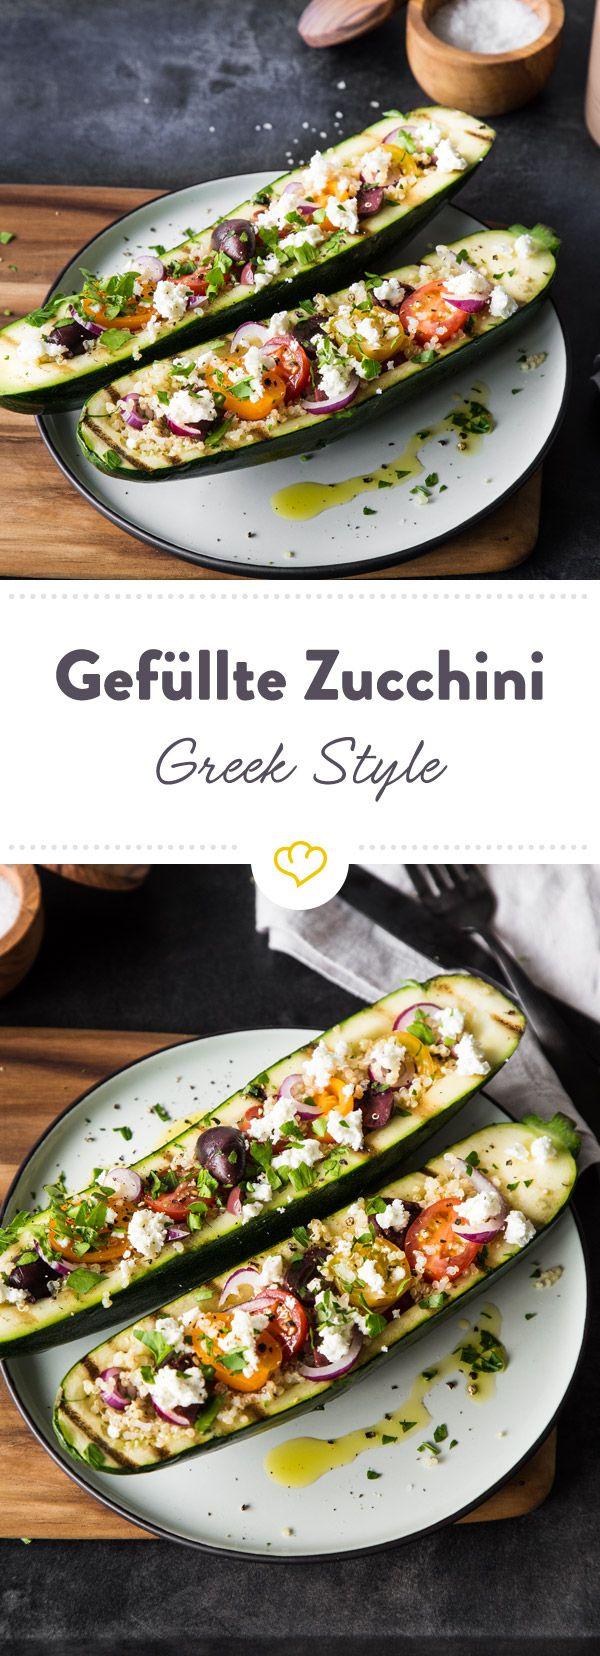 Gefüllte Zucchini mit Quinoa - Greek Style #vegetariangrilling